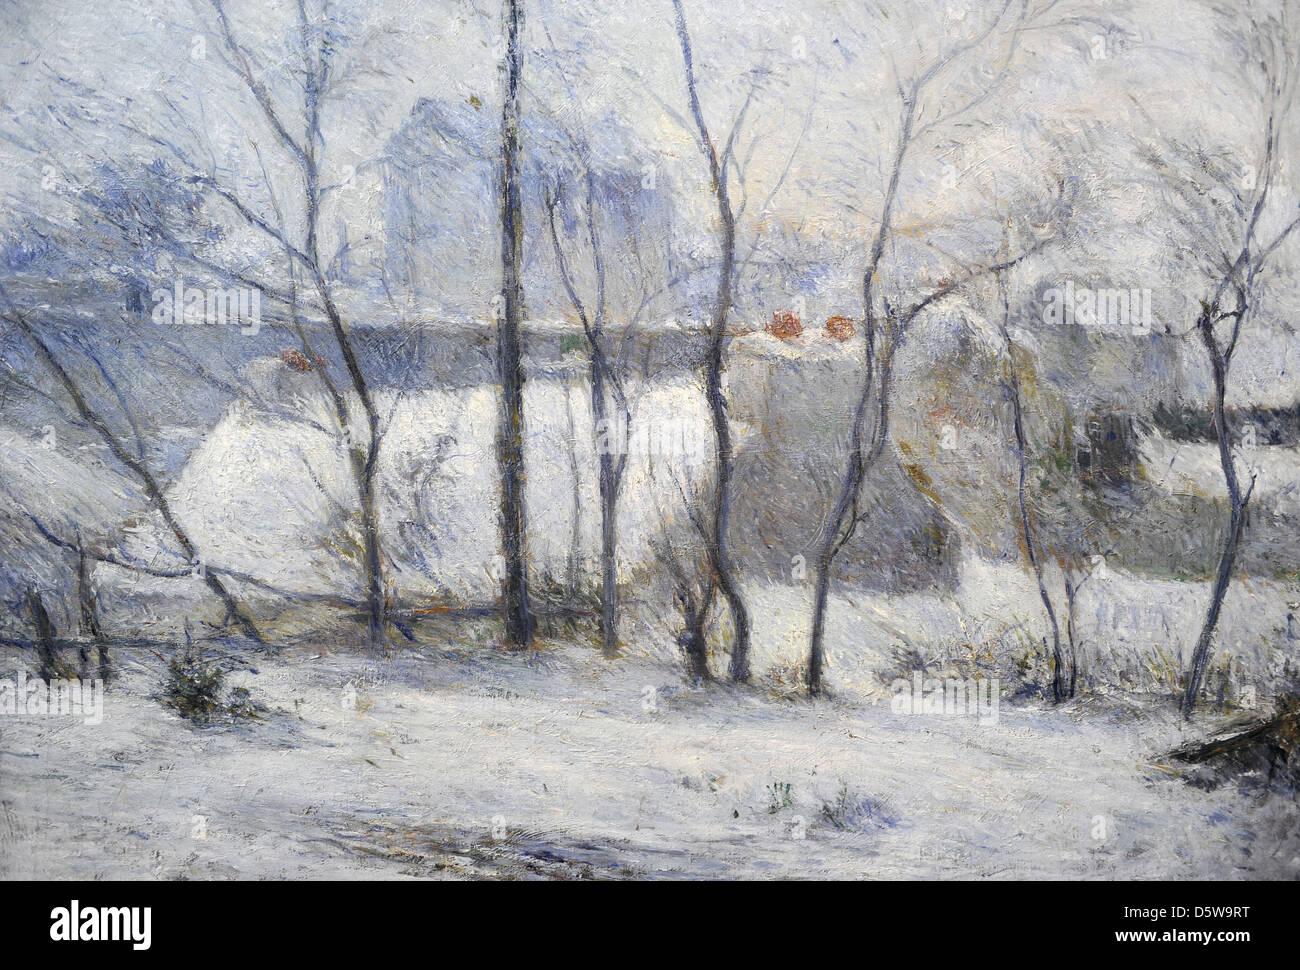 Paul Gauguin (1848-1903). Französischer Maler. Winterlandschaft, 1879. Öl auf Leinwand, Museum der bildenden Künste. Stockfoto